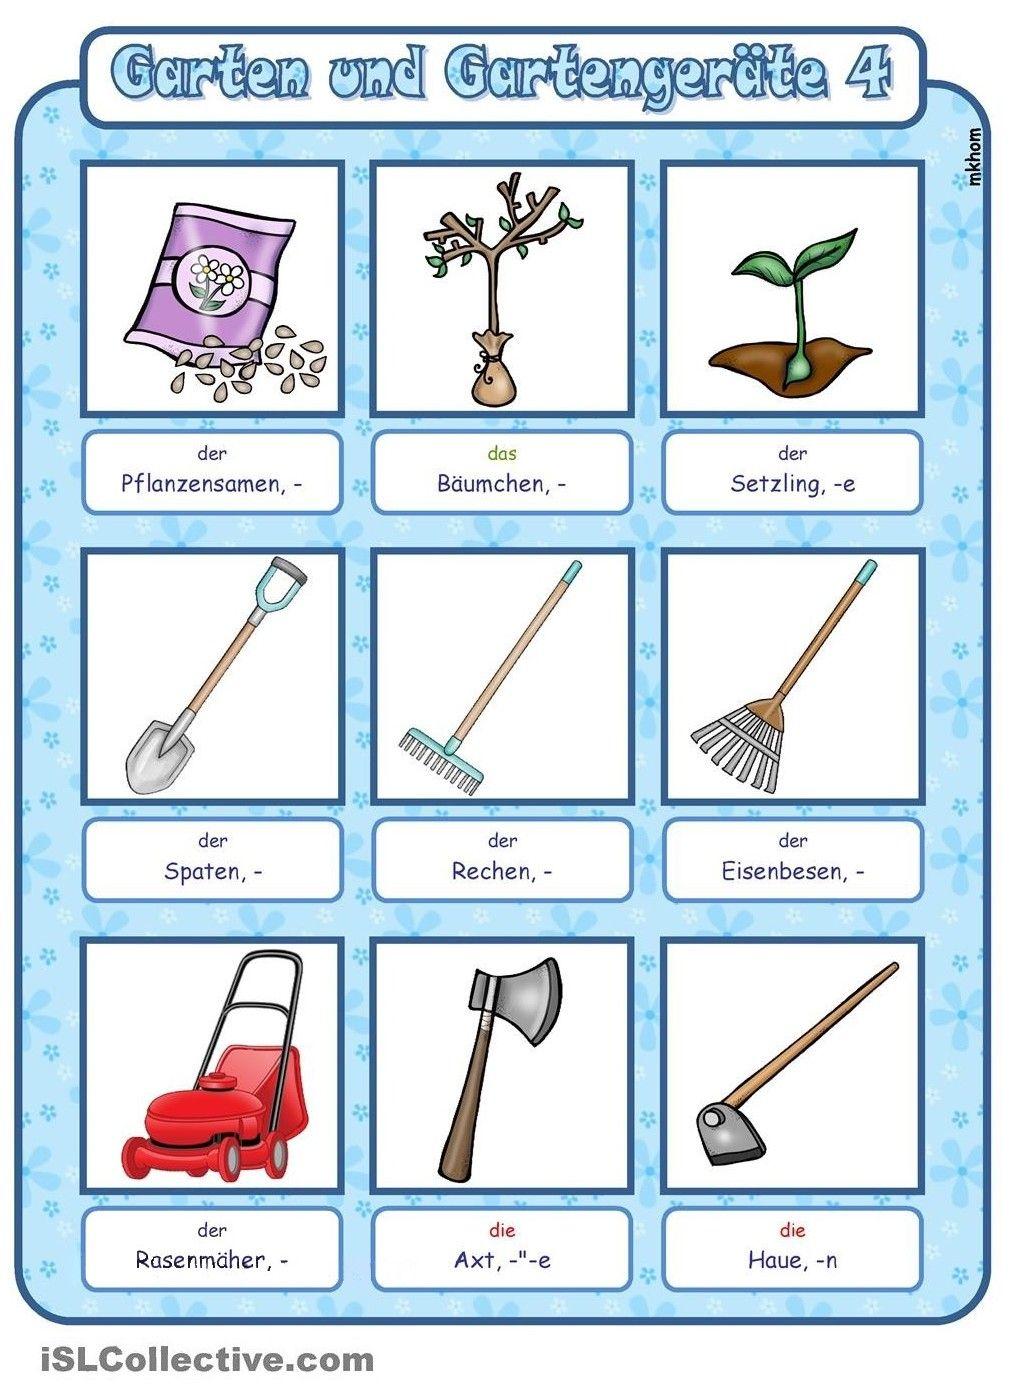 Garten und Gartengeräte (4) | Garten | Pinterest | Gartengeräte und ...